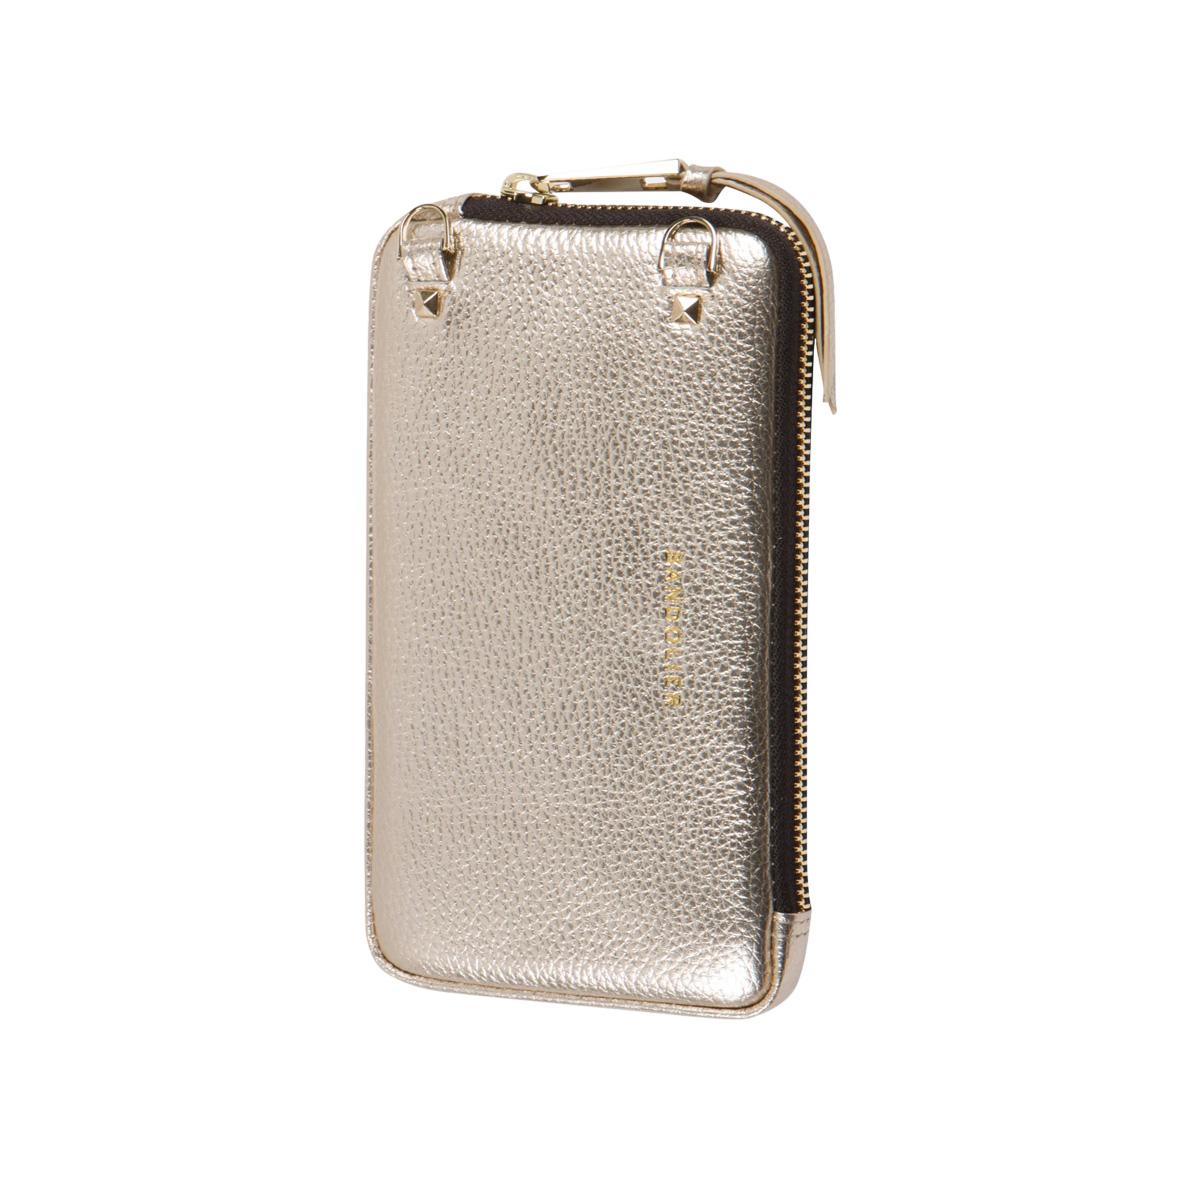 BANDOLIER バンドリヤー ポーチ エキスパンデッド リッチゴールド スマホ 携帯 メンズ レディース EXPANDED RICH GOLD POUCH ゴールド 21GRA